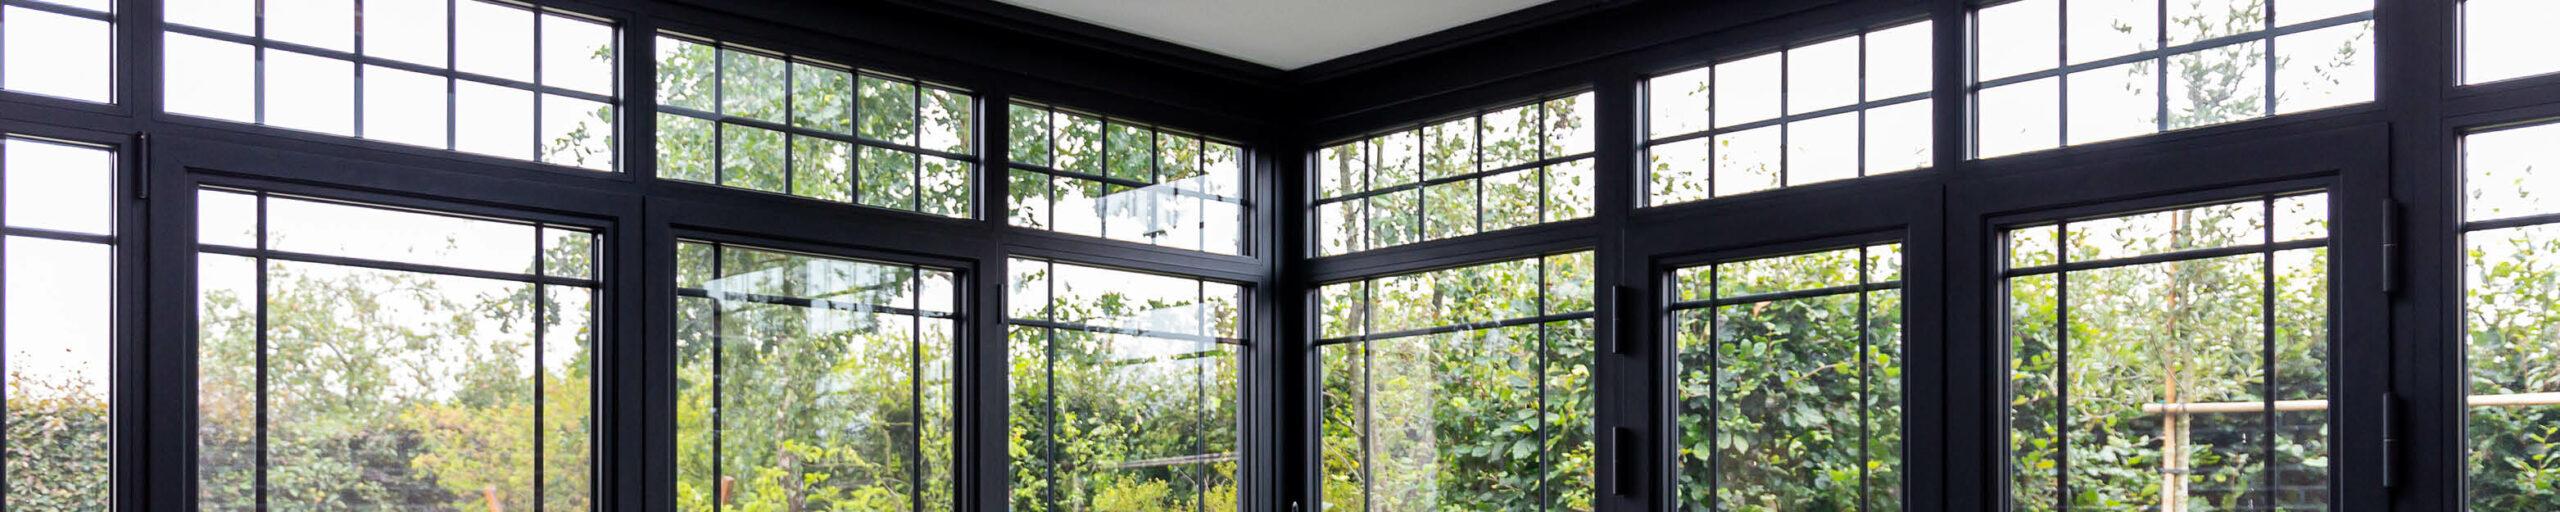 Steellook veranda met terras